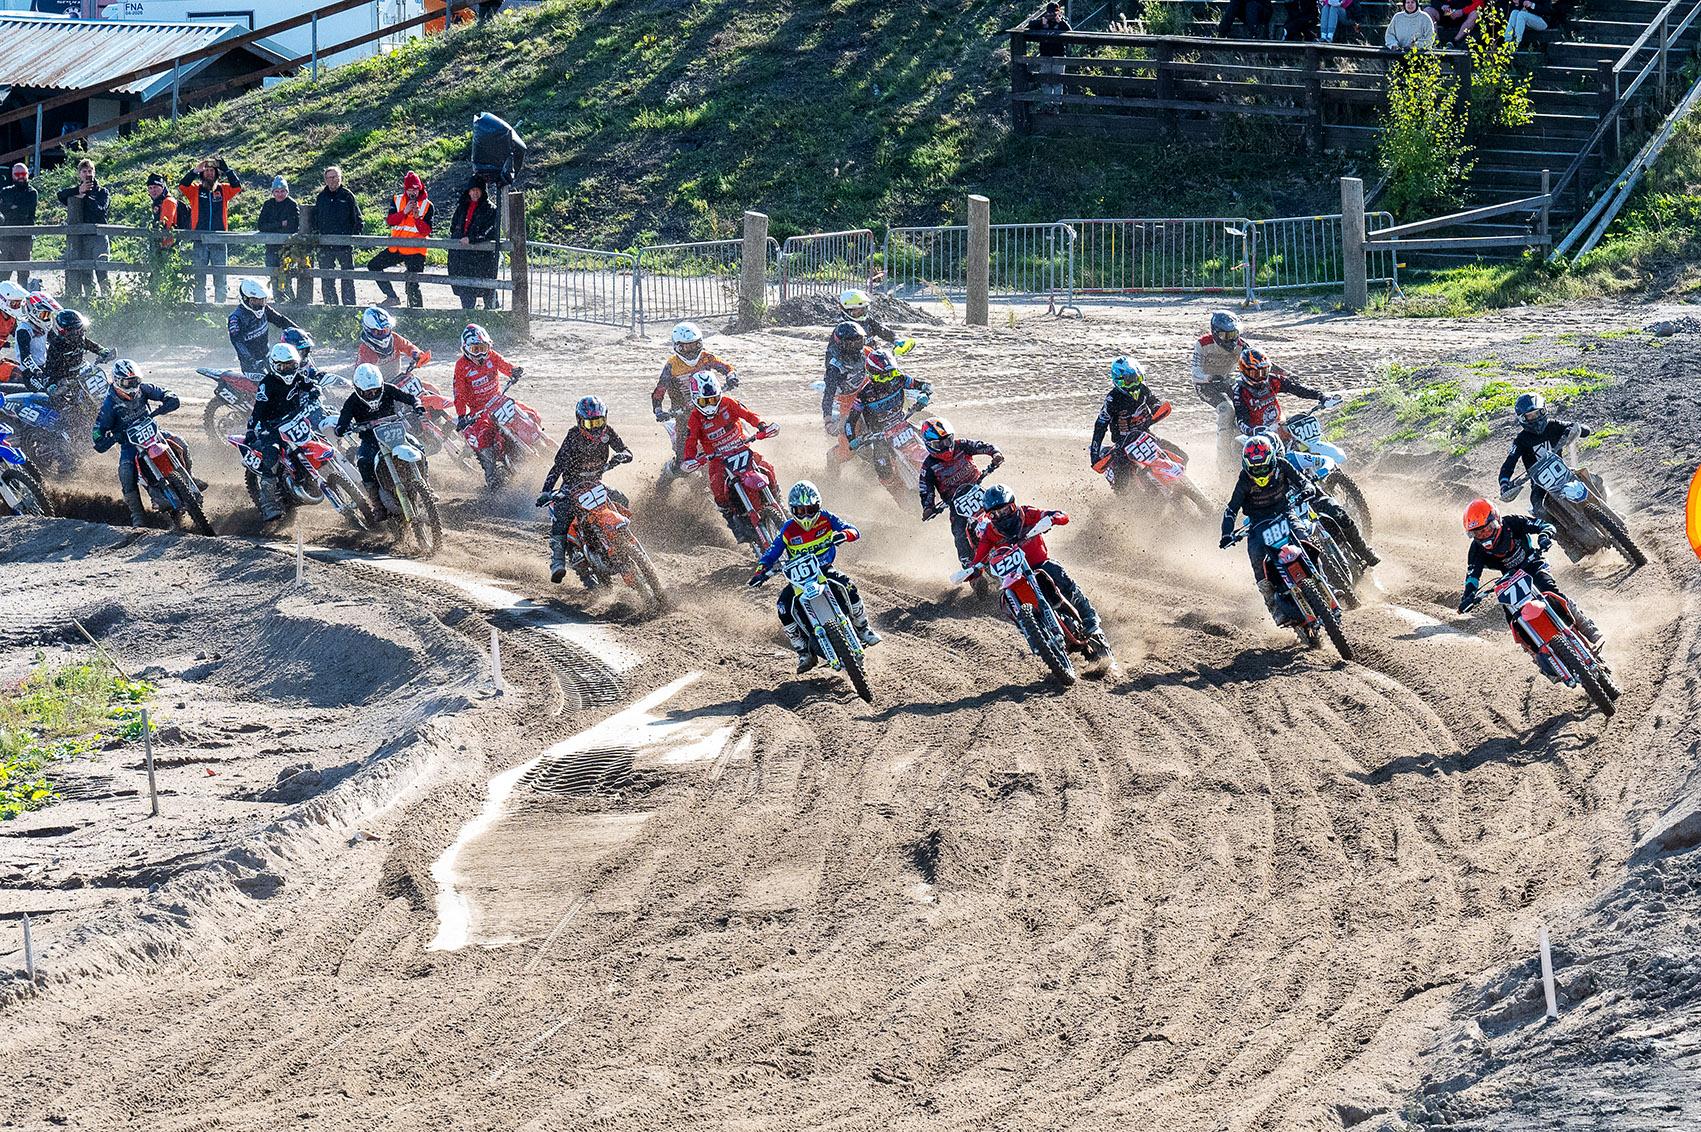 Vantaan Vauhtikeskuksessa ratkottiin motocrossin sivuvaunujen SM-mitalien lisäksi useiden muiden luokkien mestaruudet. Kuva: SML SM-Motocrossin tiedotus